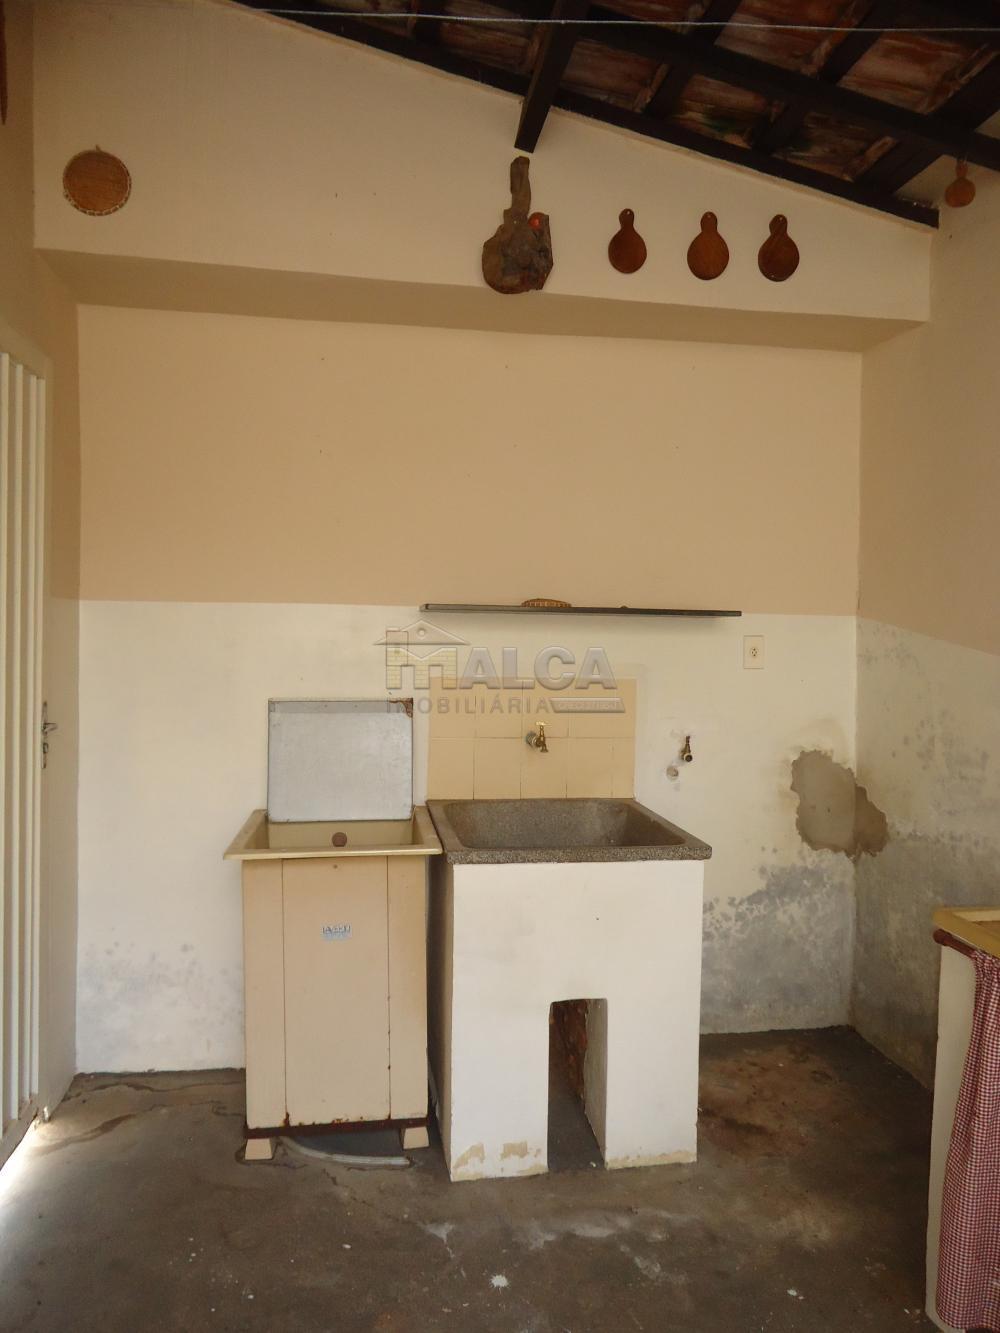 Alugar Casas / Padrão em São José do Rio Pardo R$ 1.120,00 - Foto 37